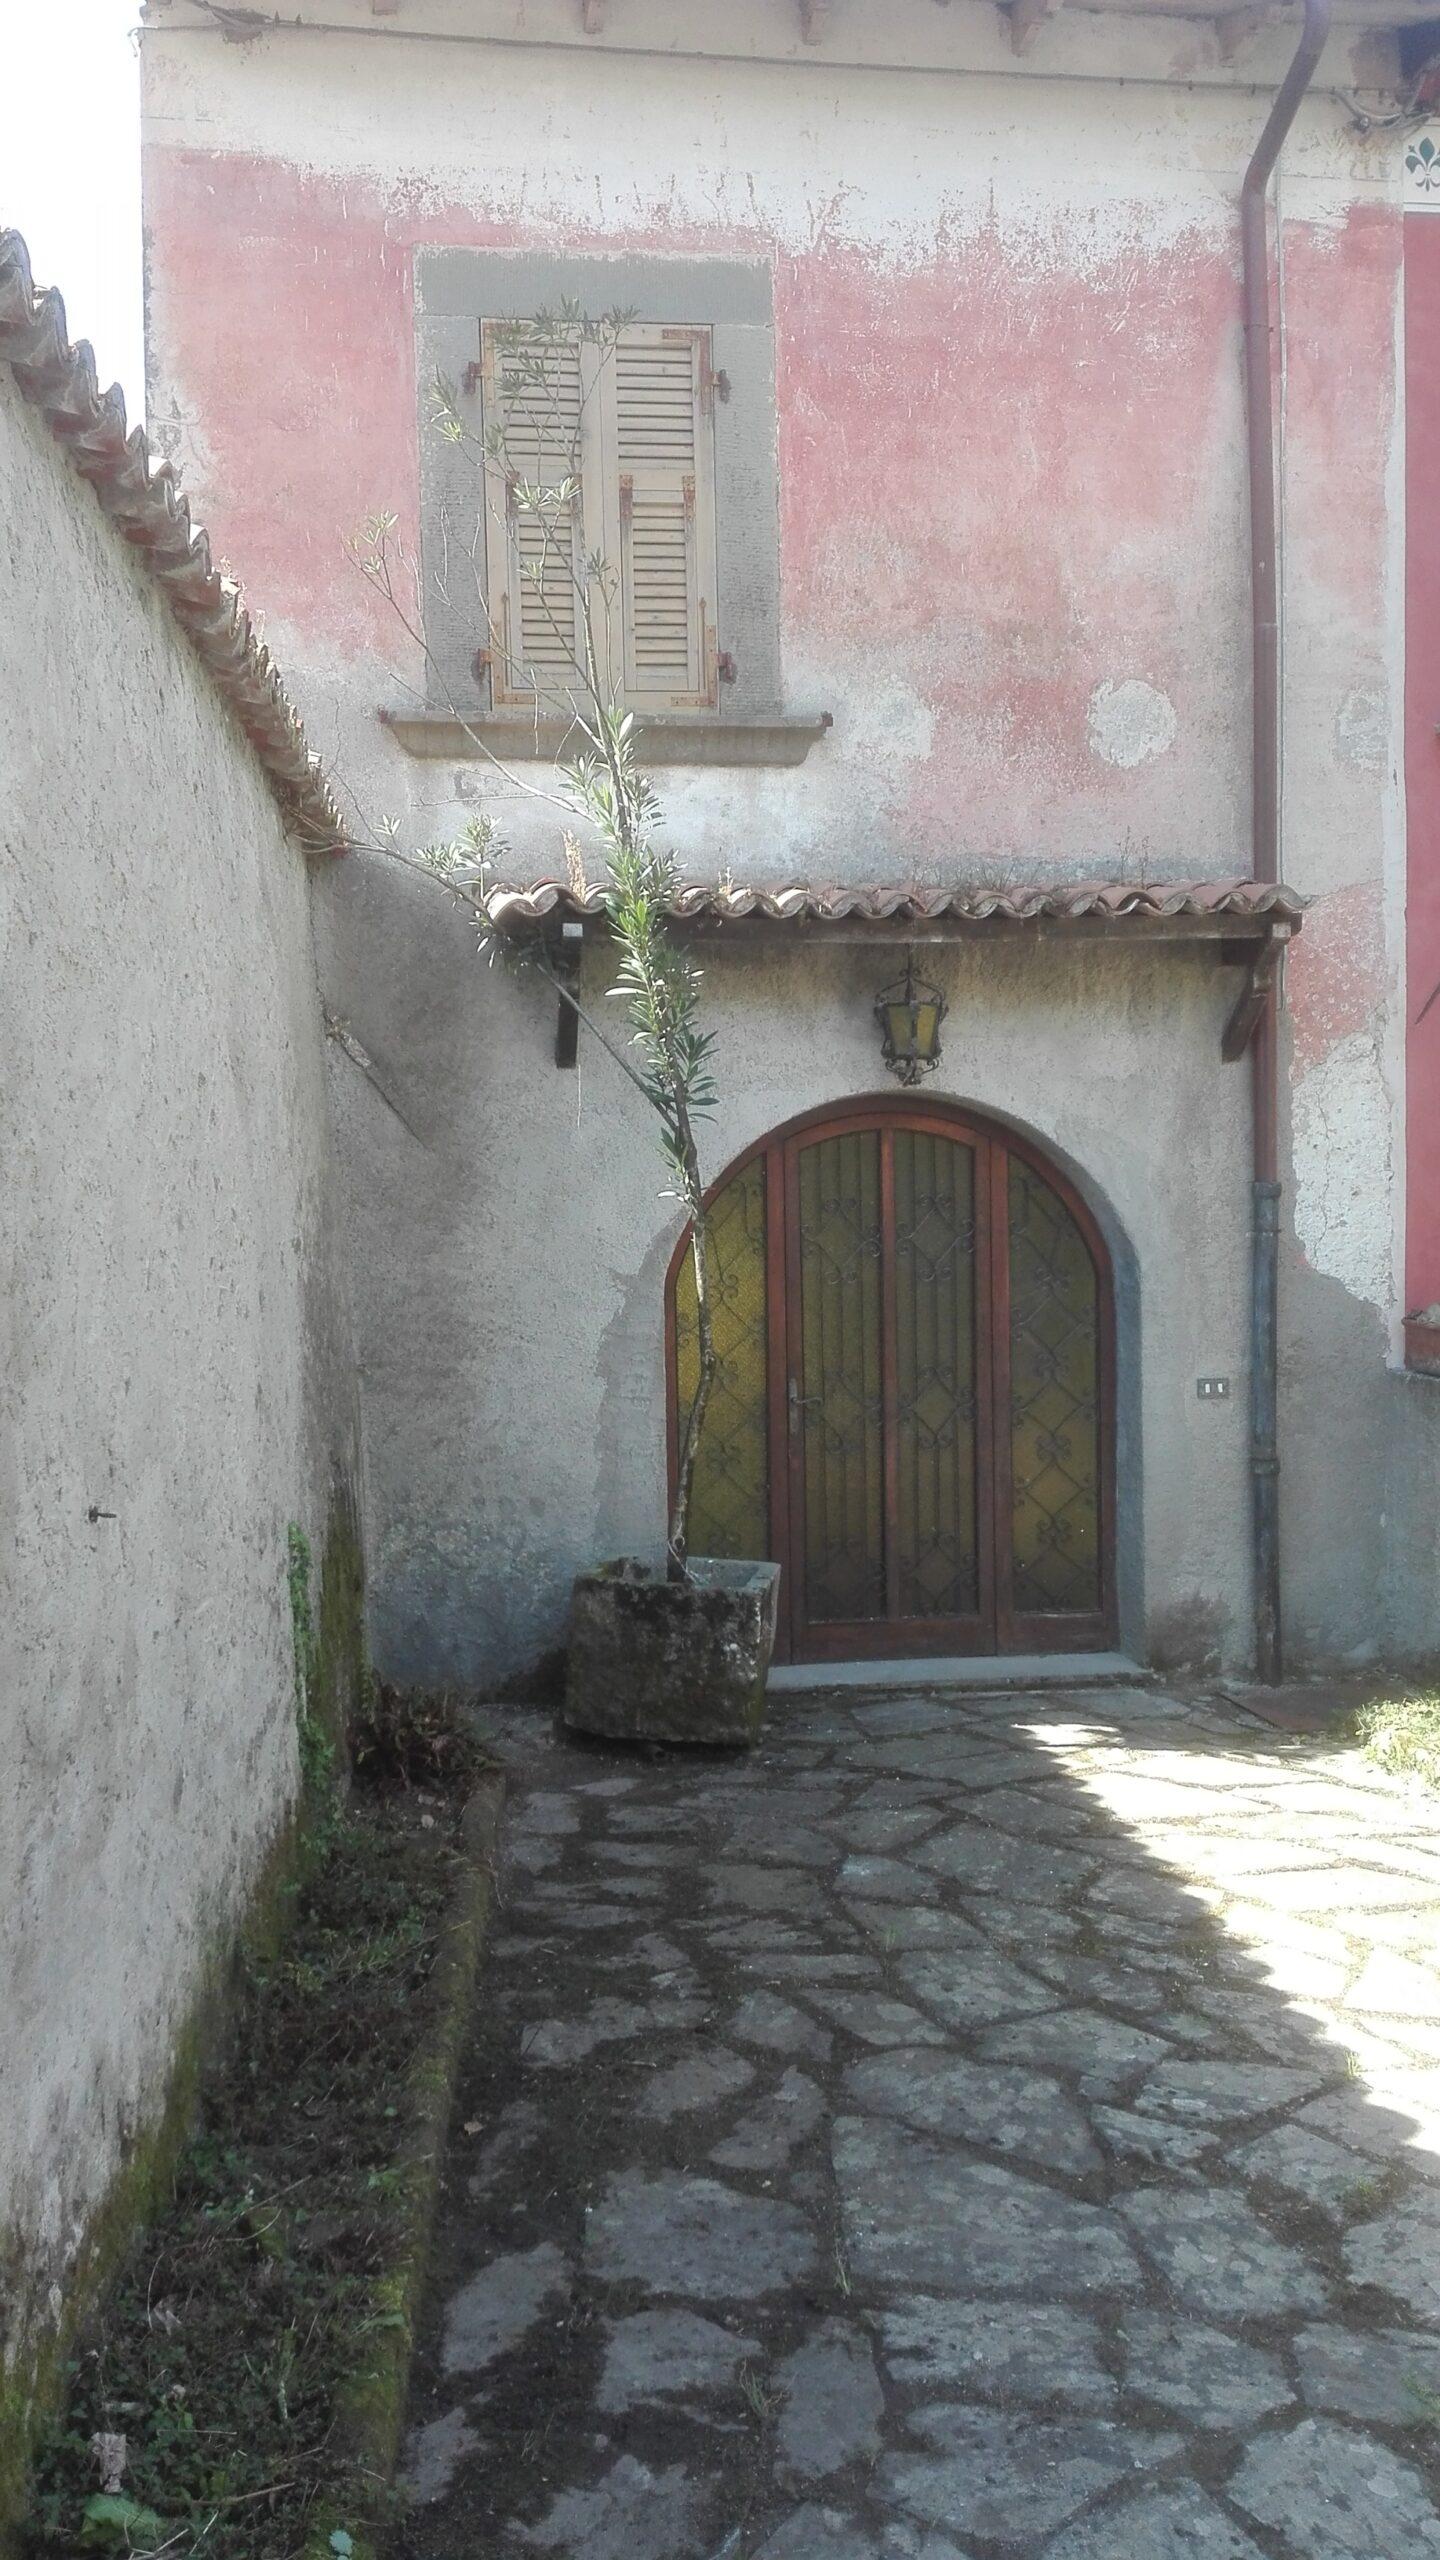 Casa dal sapore toscano  in pietra con giardino, una perla. ref. 1889